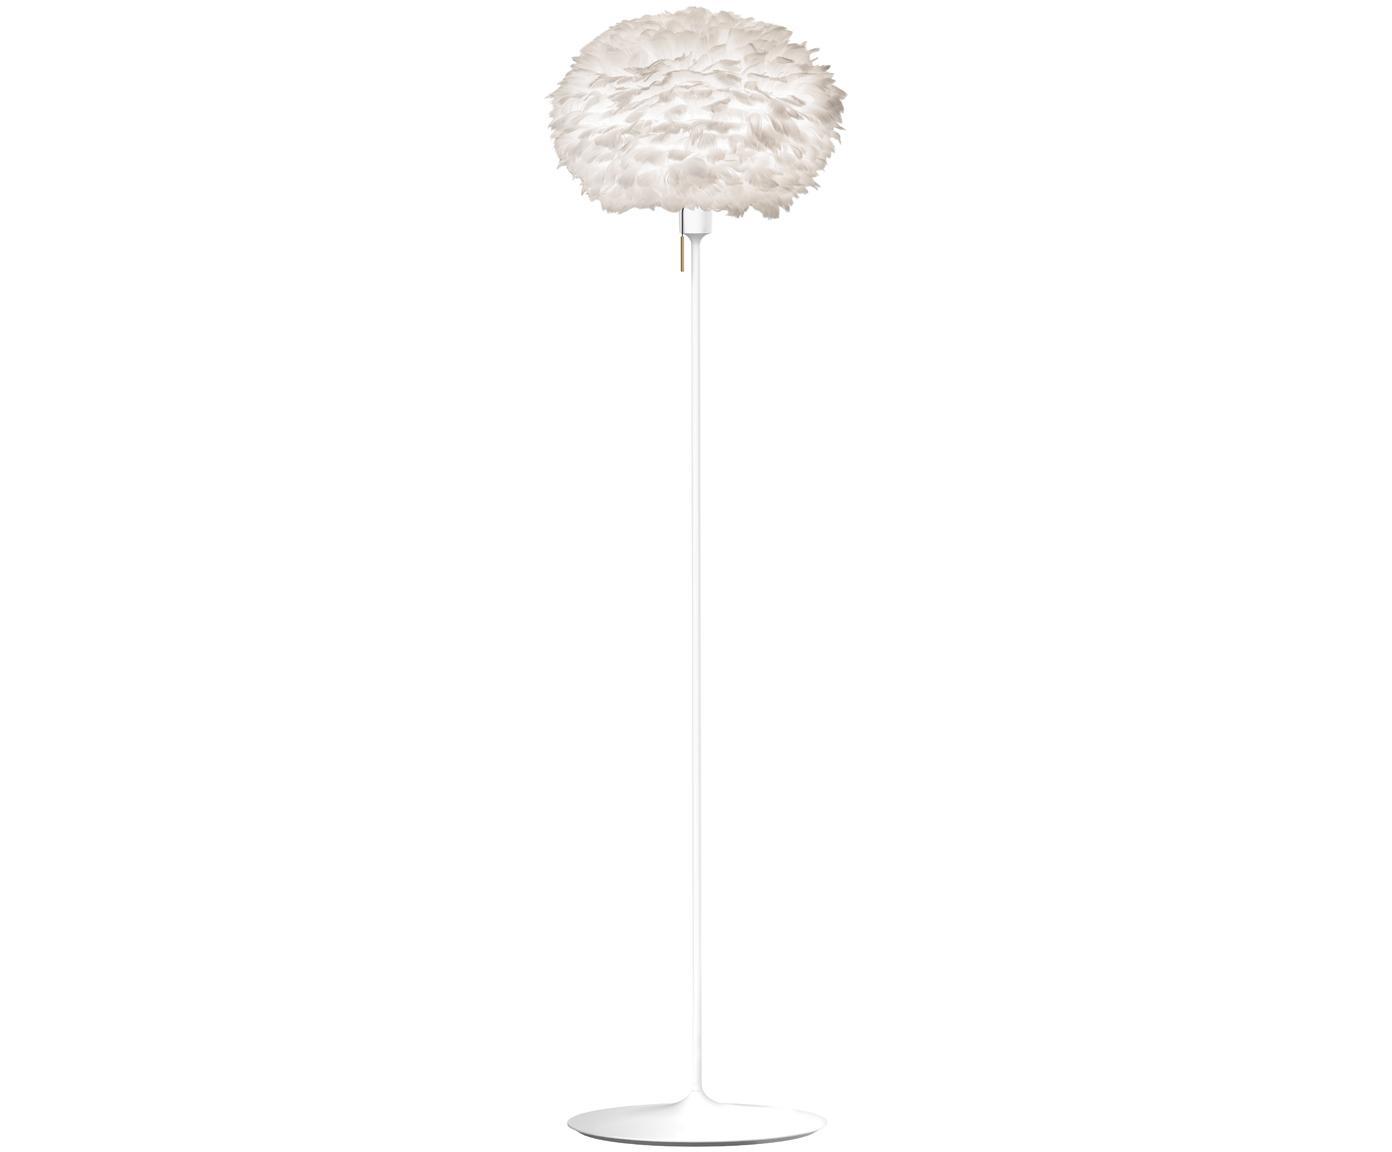 Lampa podłogowa z piór Eos, Biały, Ø 45 x W 170 cm